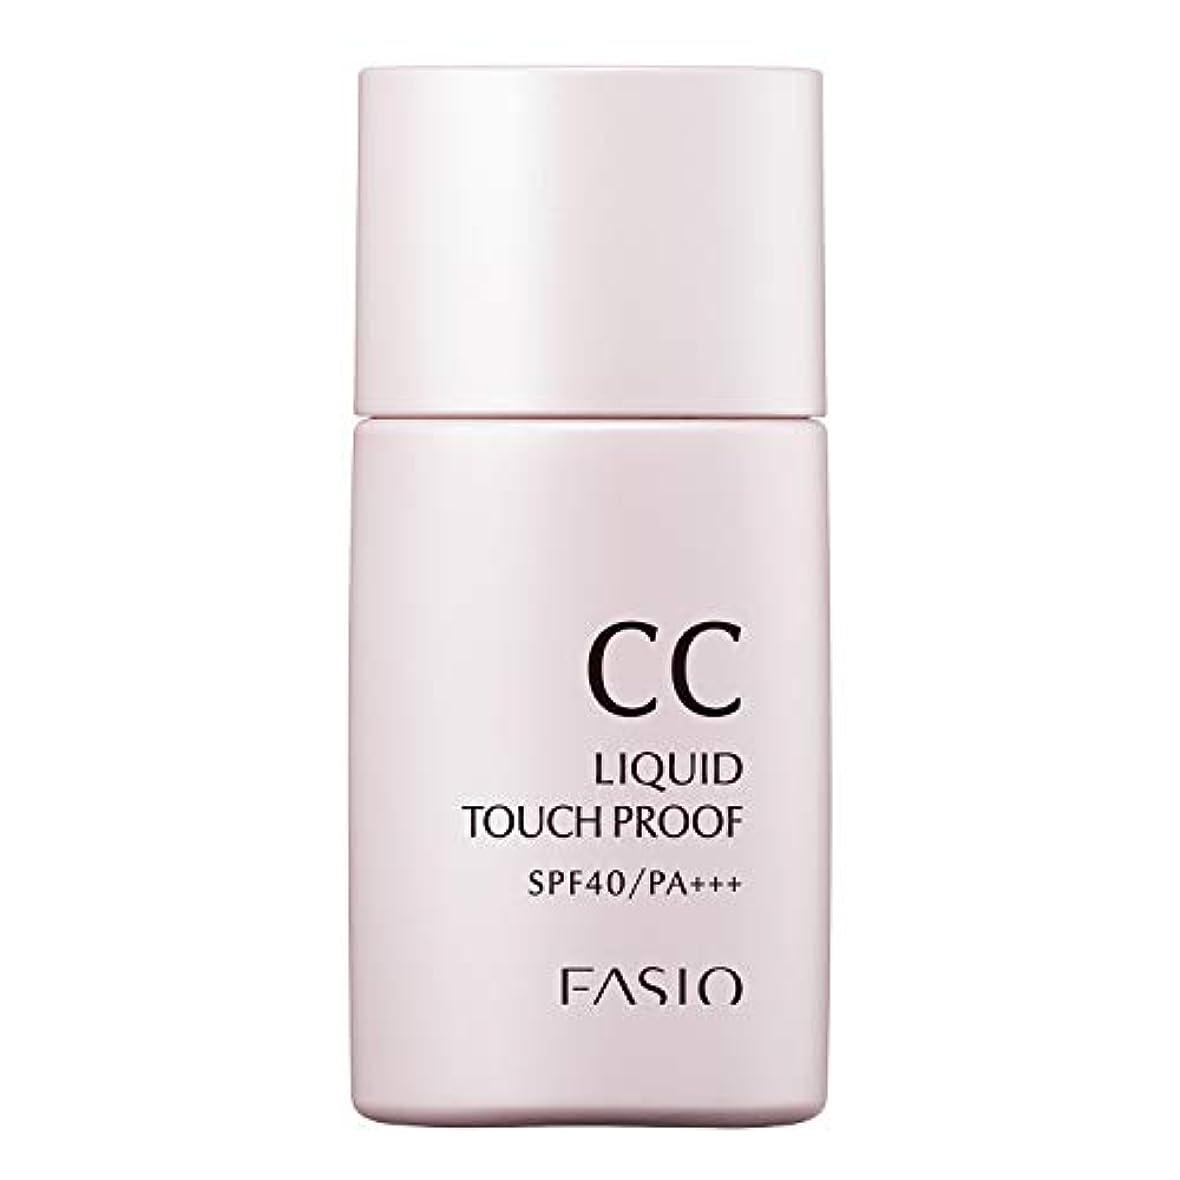 ファシオ CC リキッド タッチプルーフ 自然な肌色 02 30mL